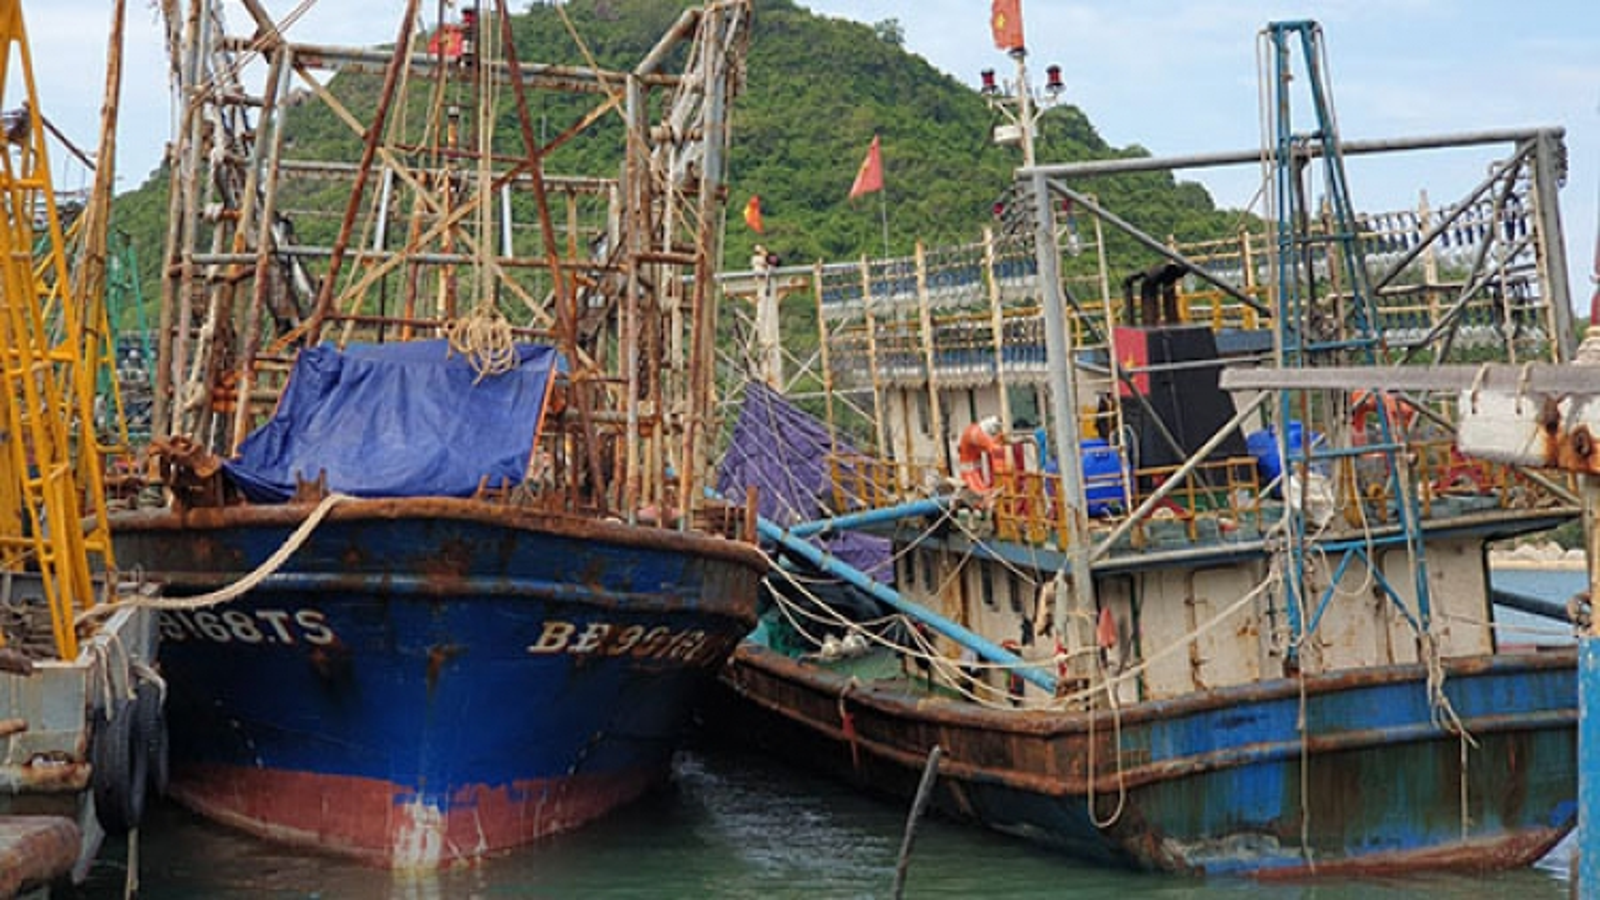 Tàu vỏ thép đóng mới theo Nghị định 67: Ngân hàng khởi kiện chủ tàu